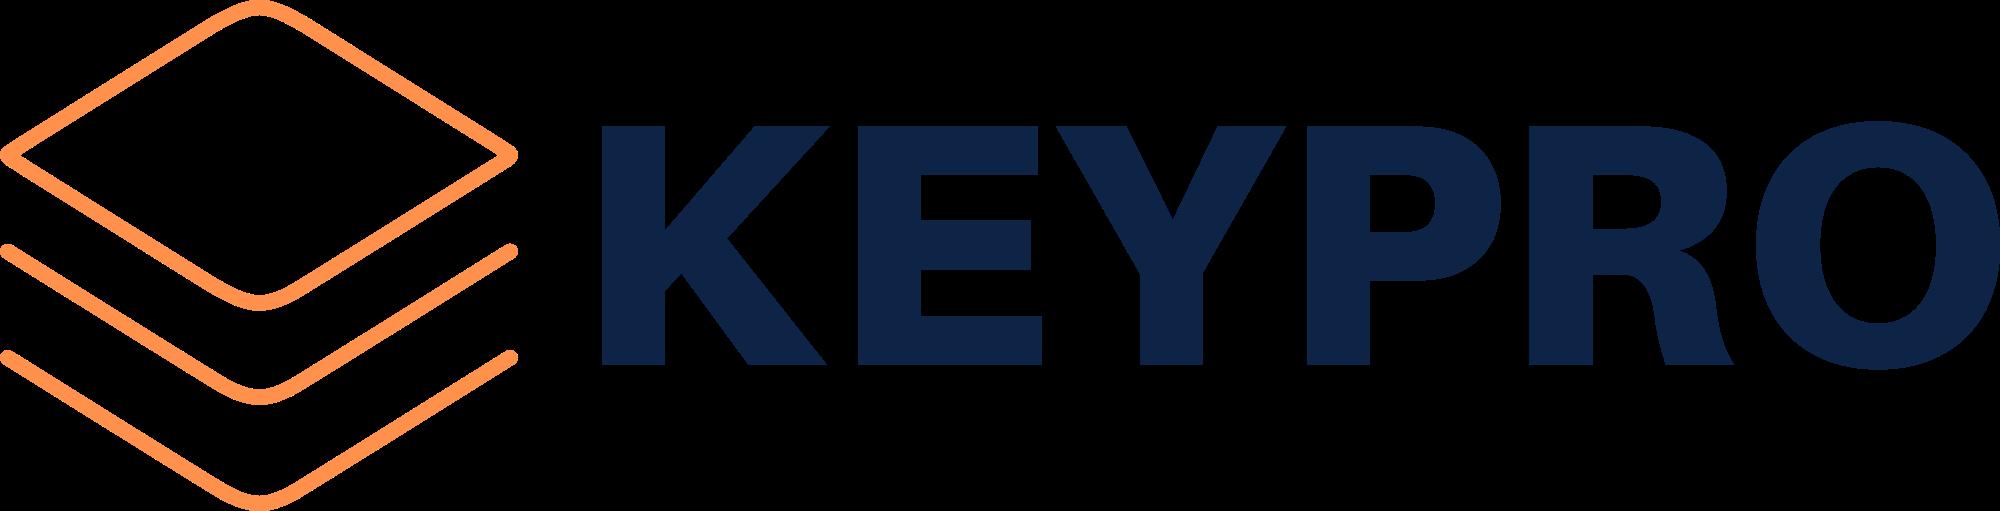 Yritys: Keypro Oy